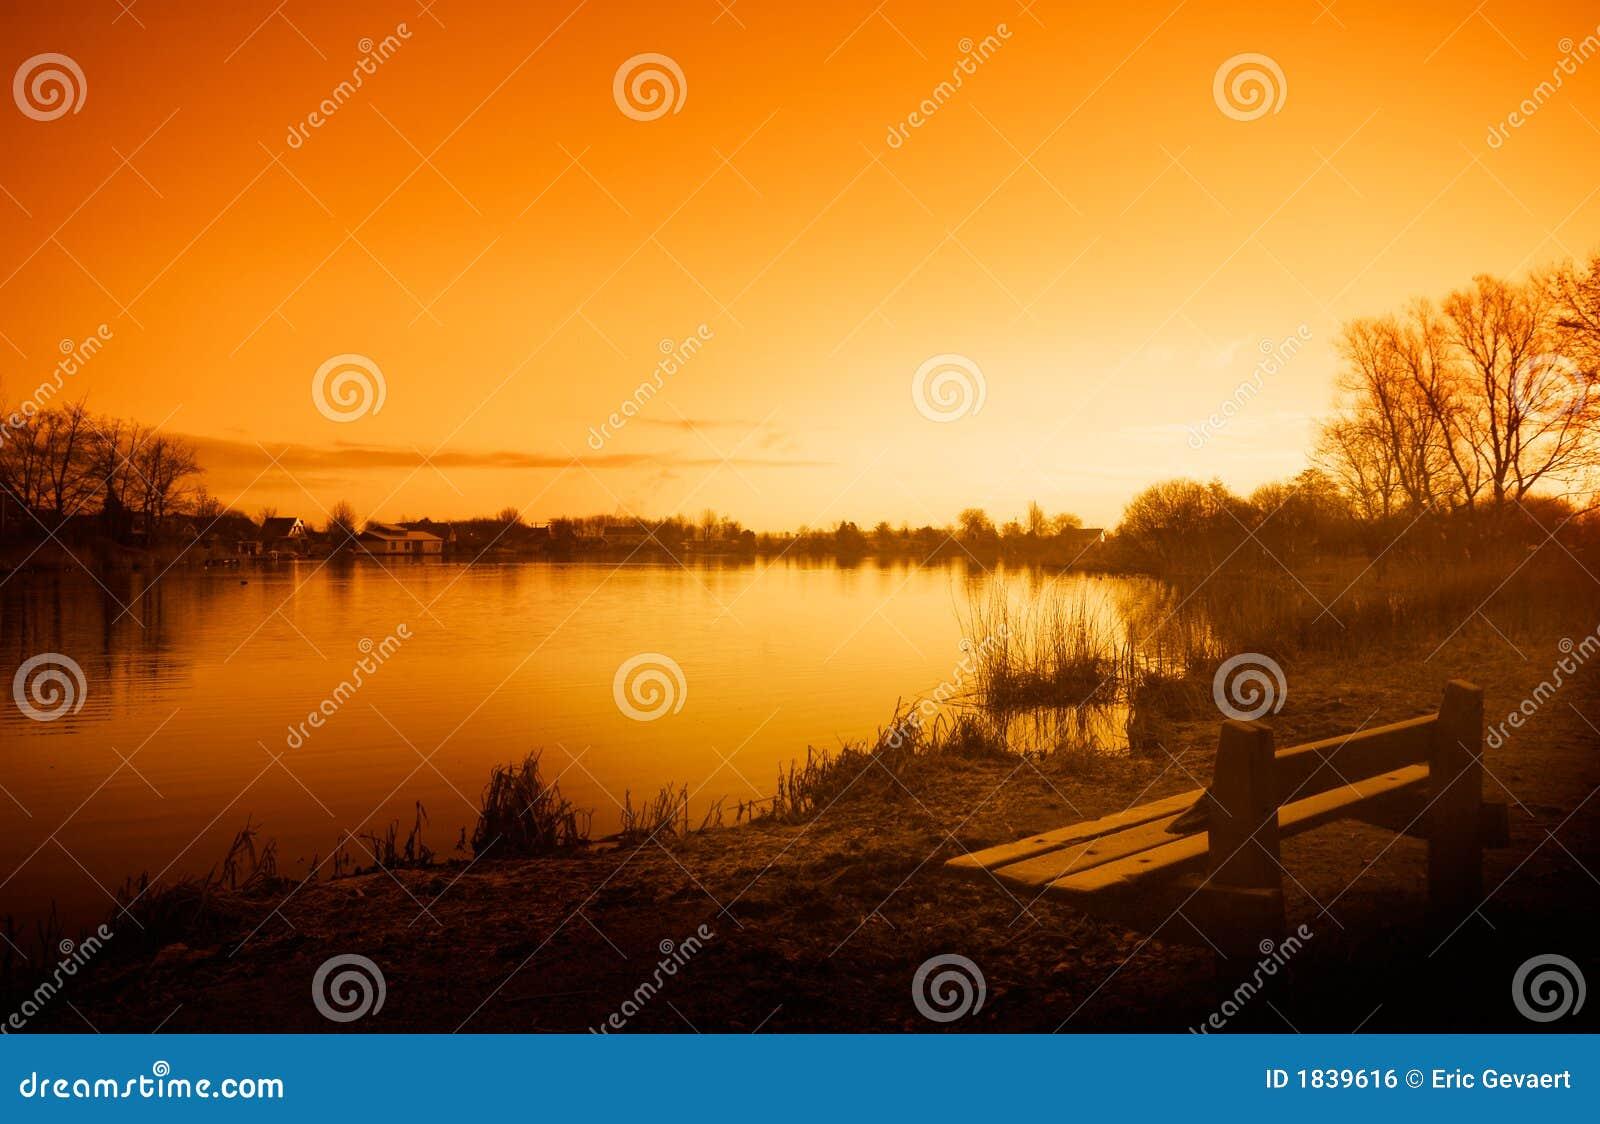 Early morning sunrise royalty free stock image image for Morning sunrise images